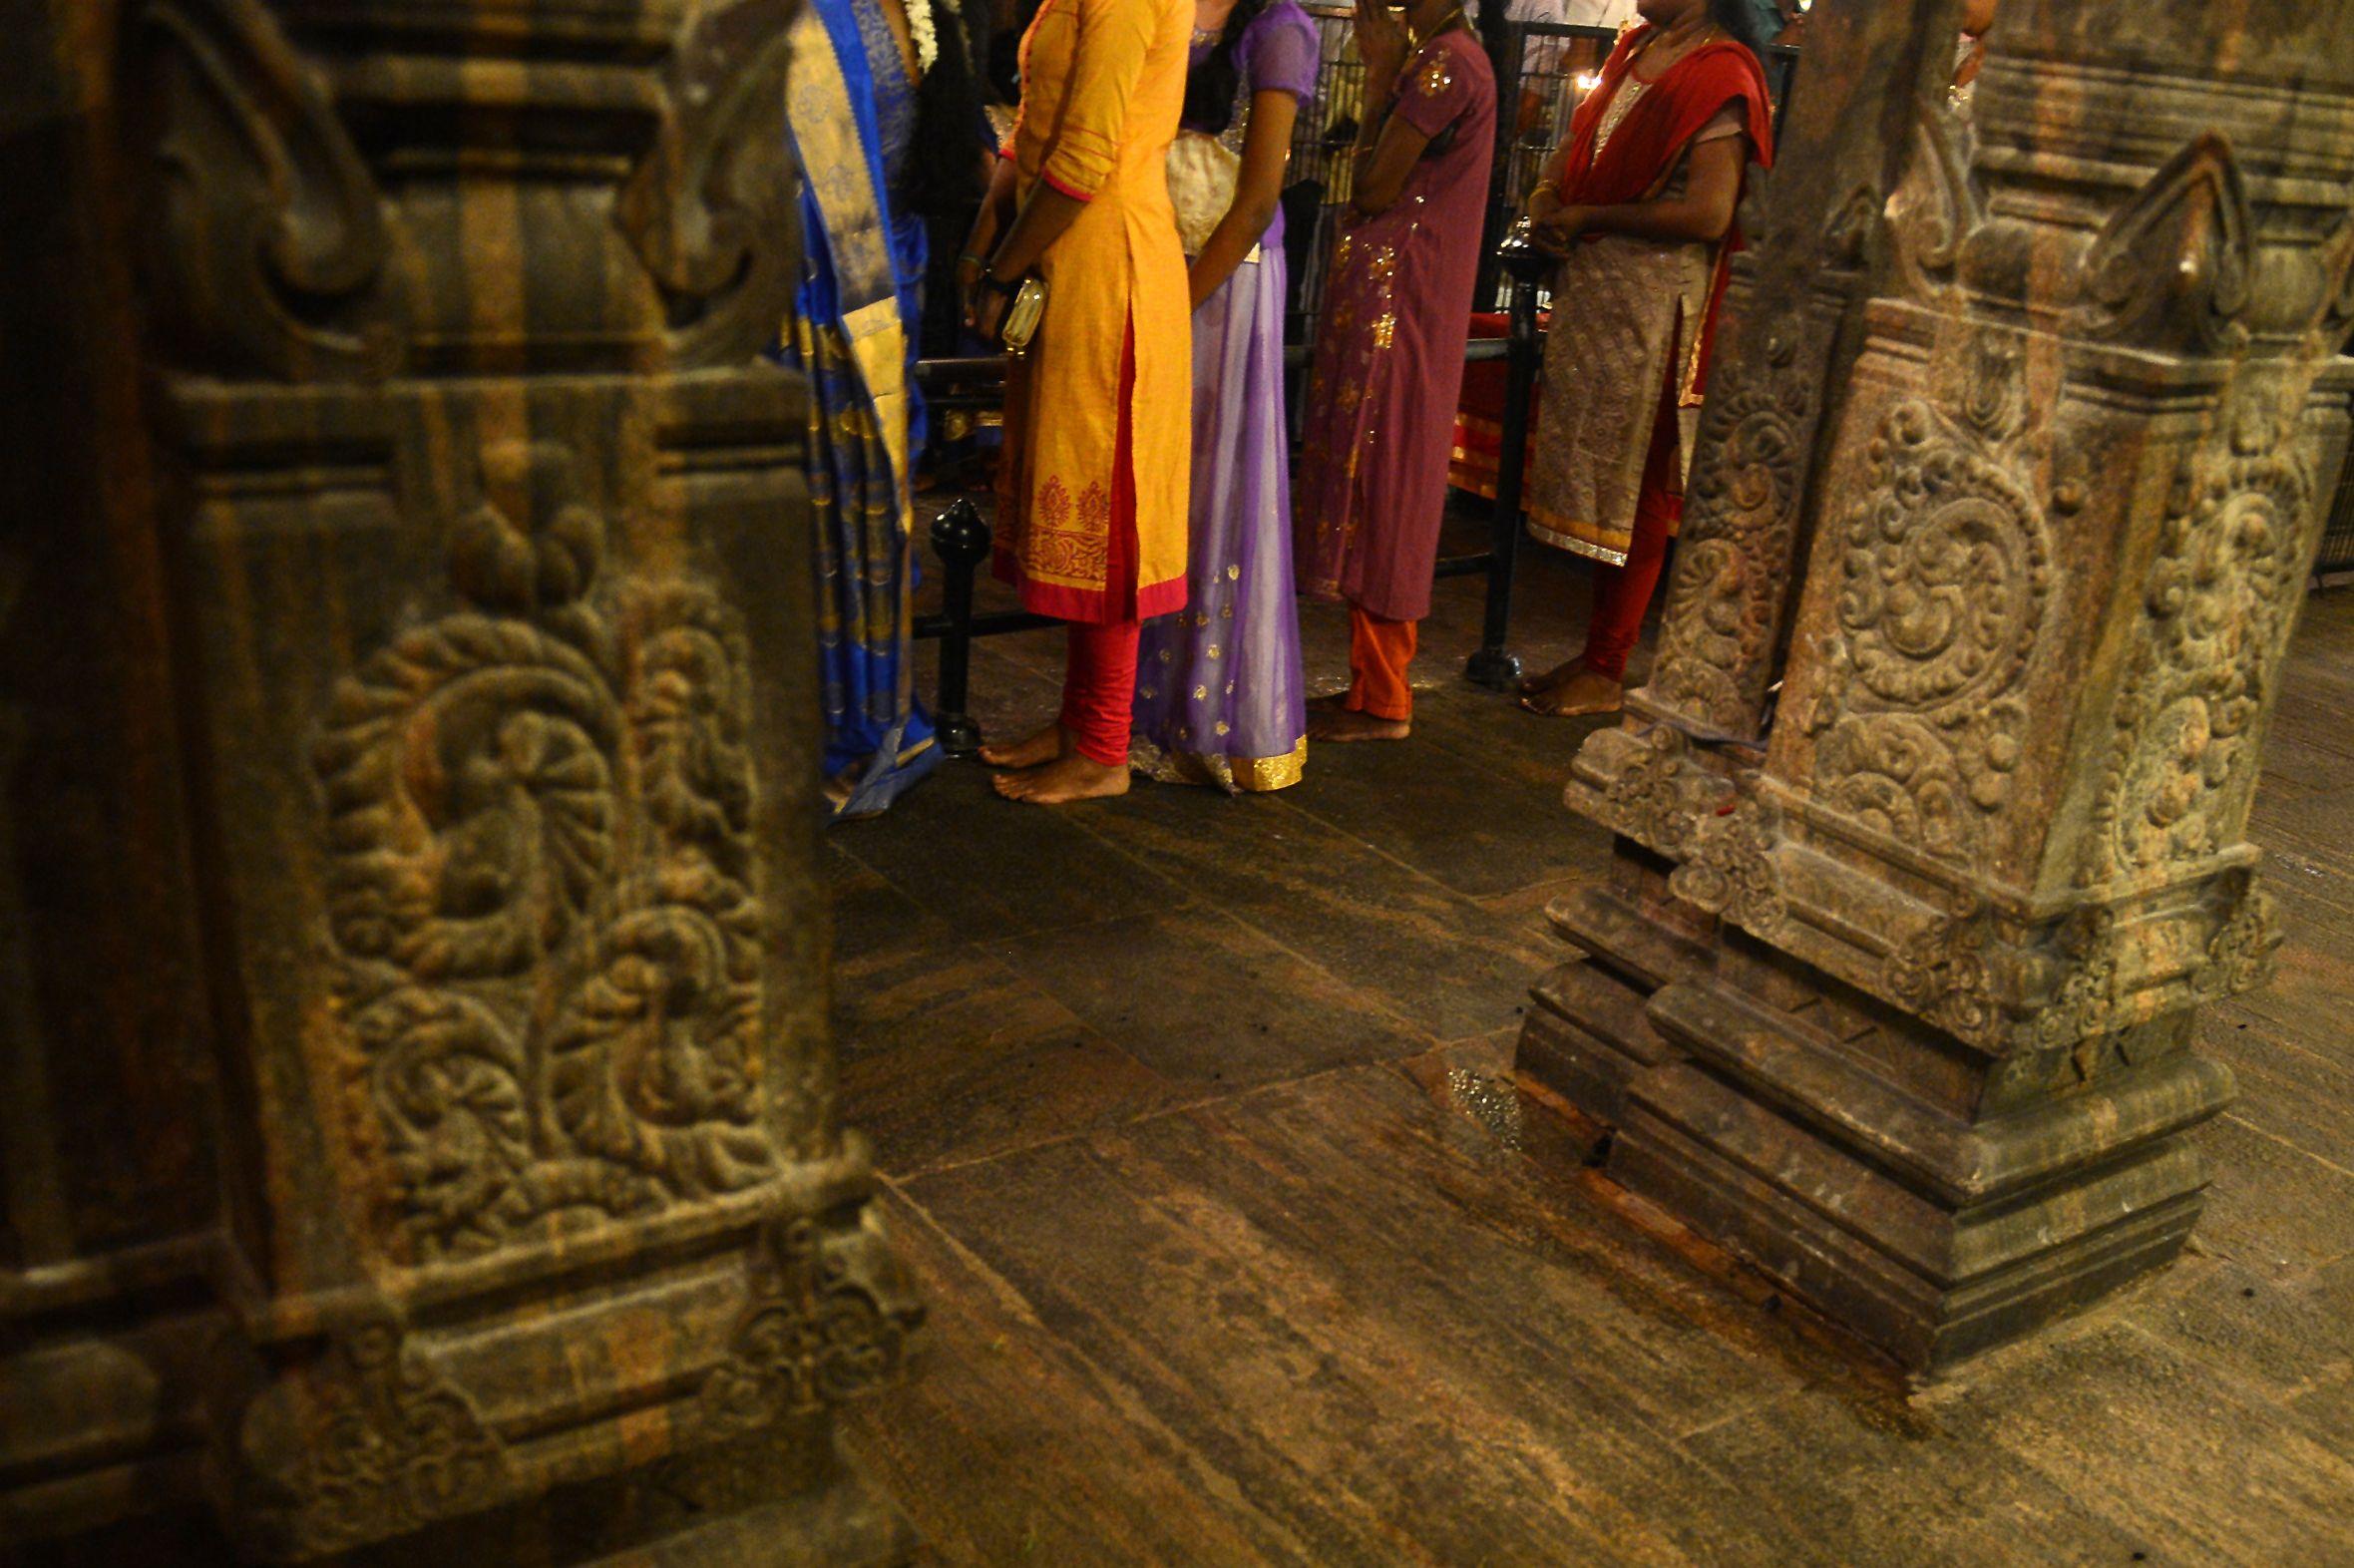 احتفالات البونجال فى معبد بسريلانكا